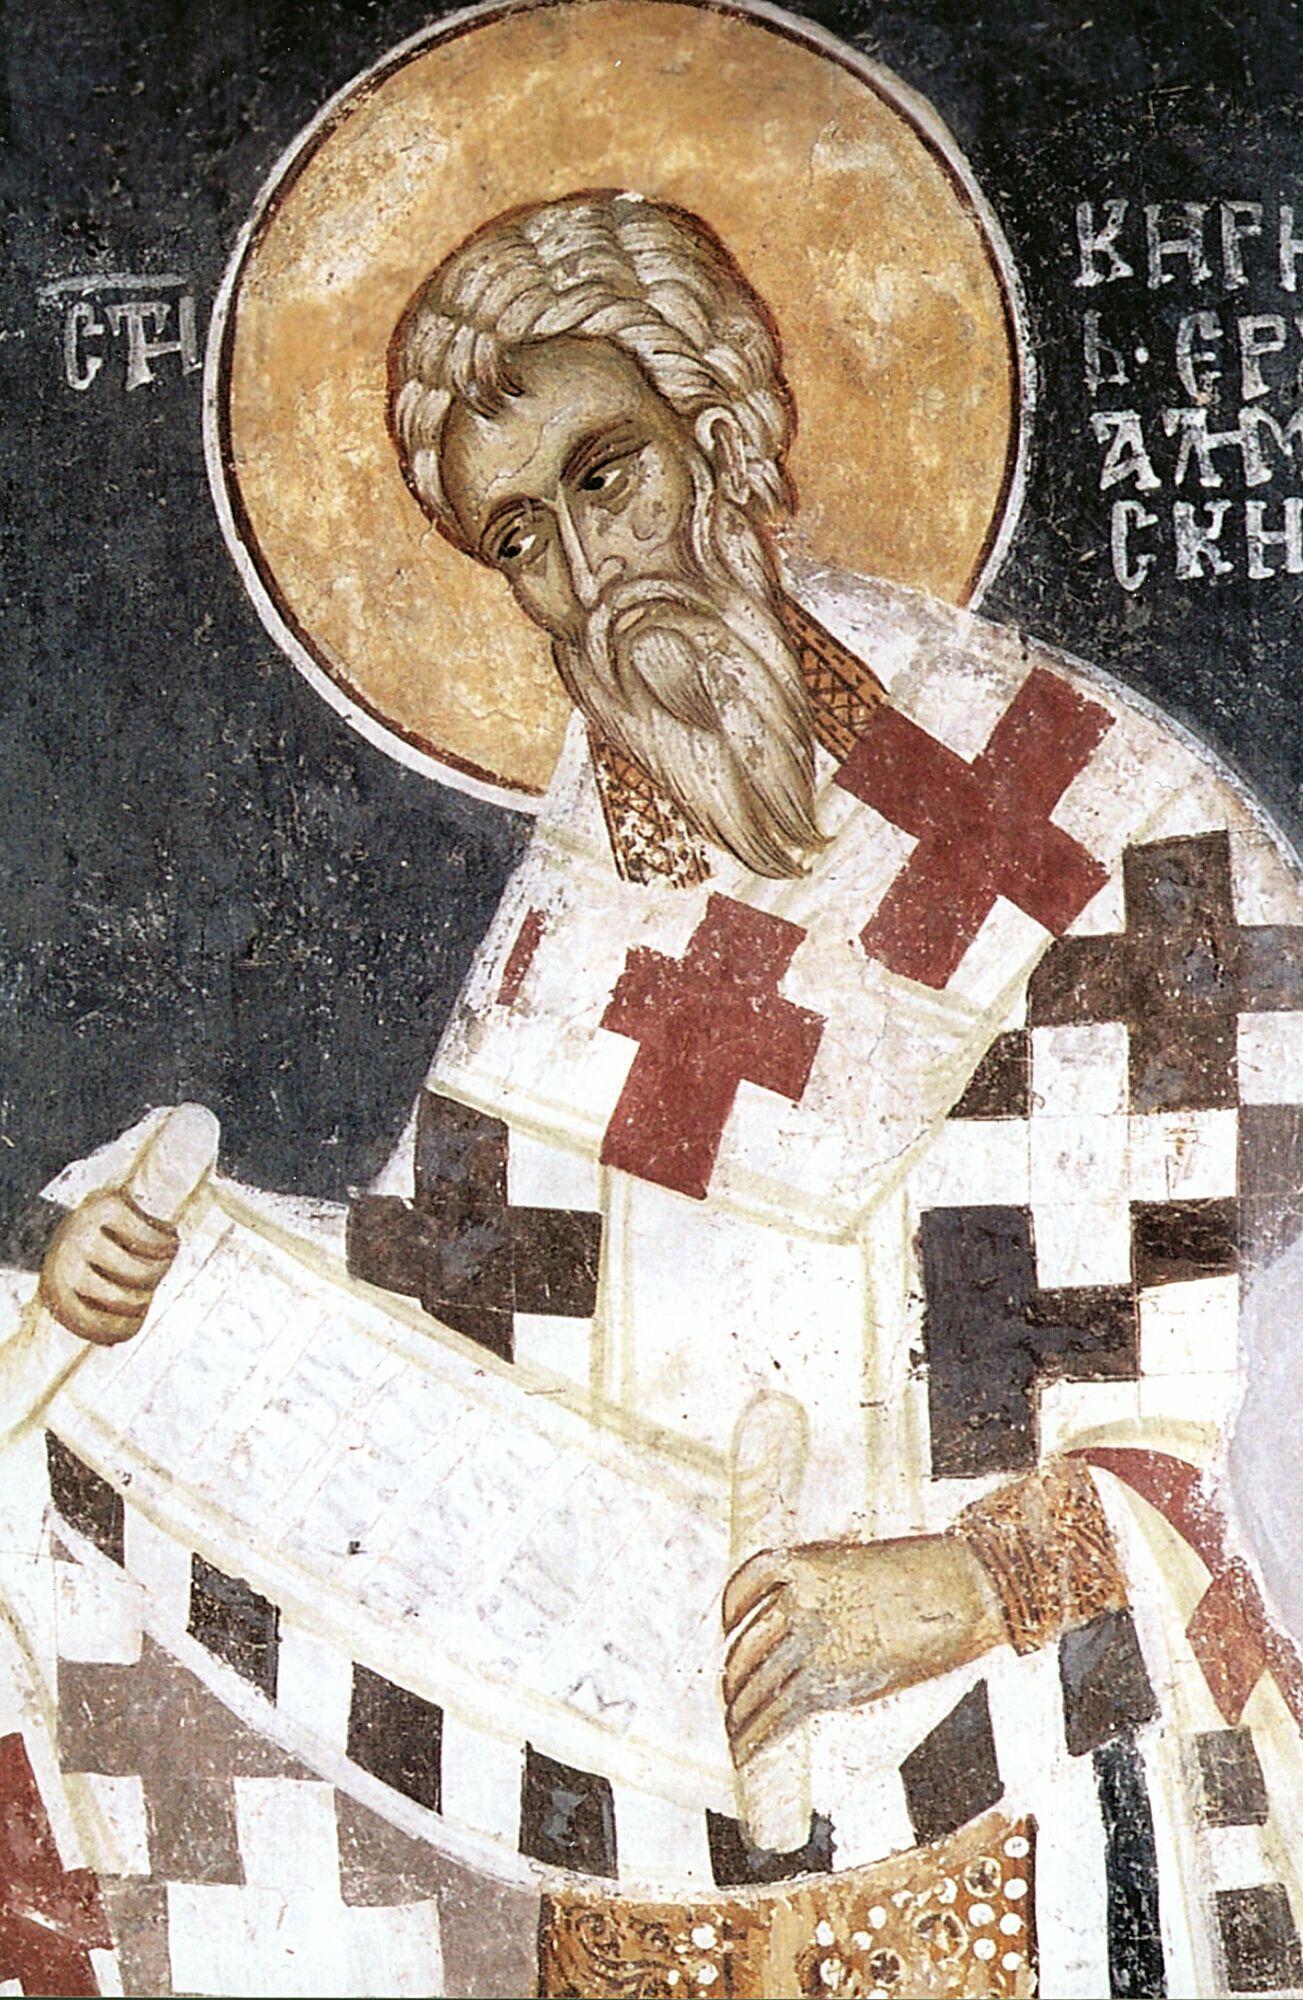 31 березня відзначають День пам'яті святителя Кирила